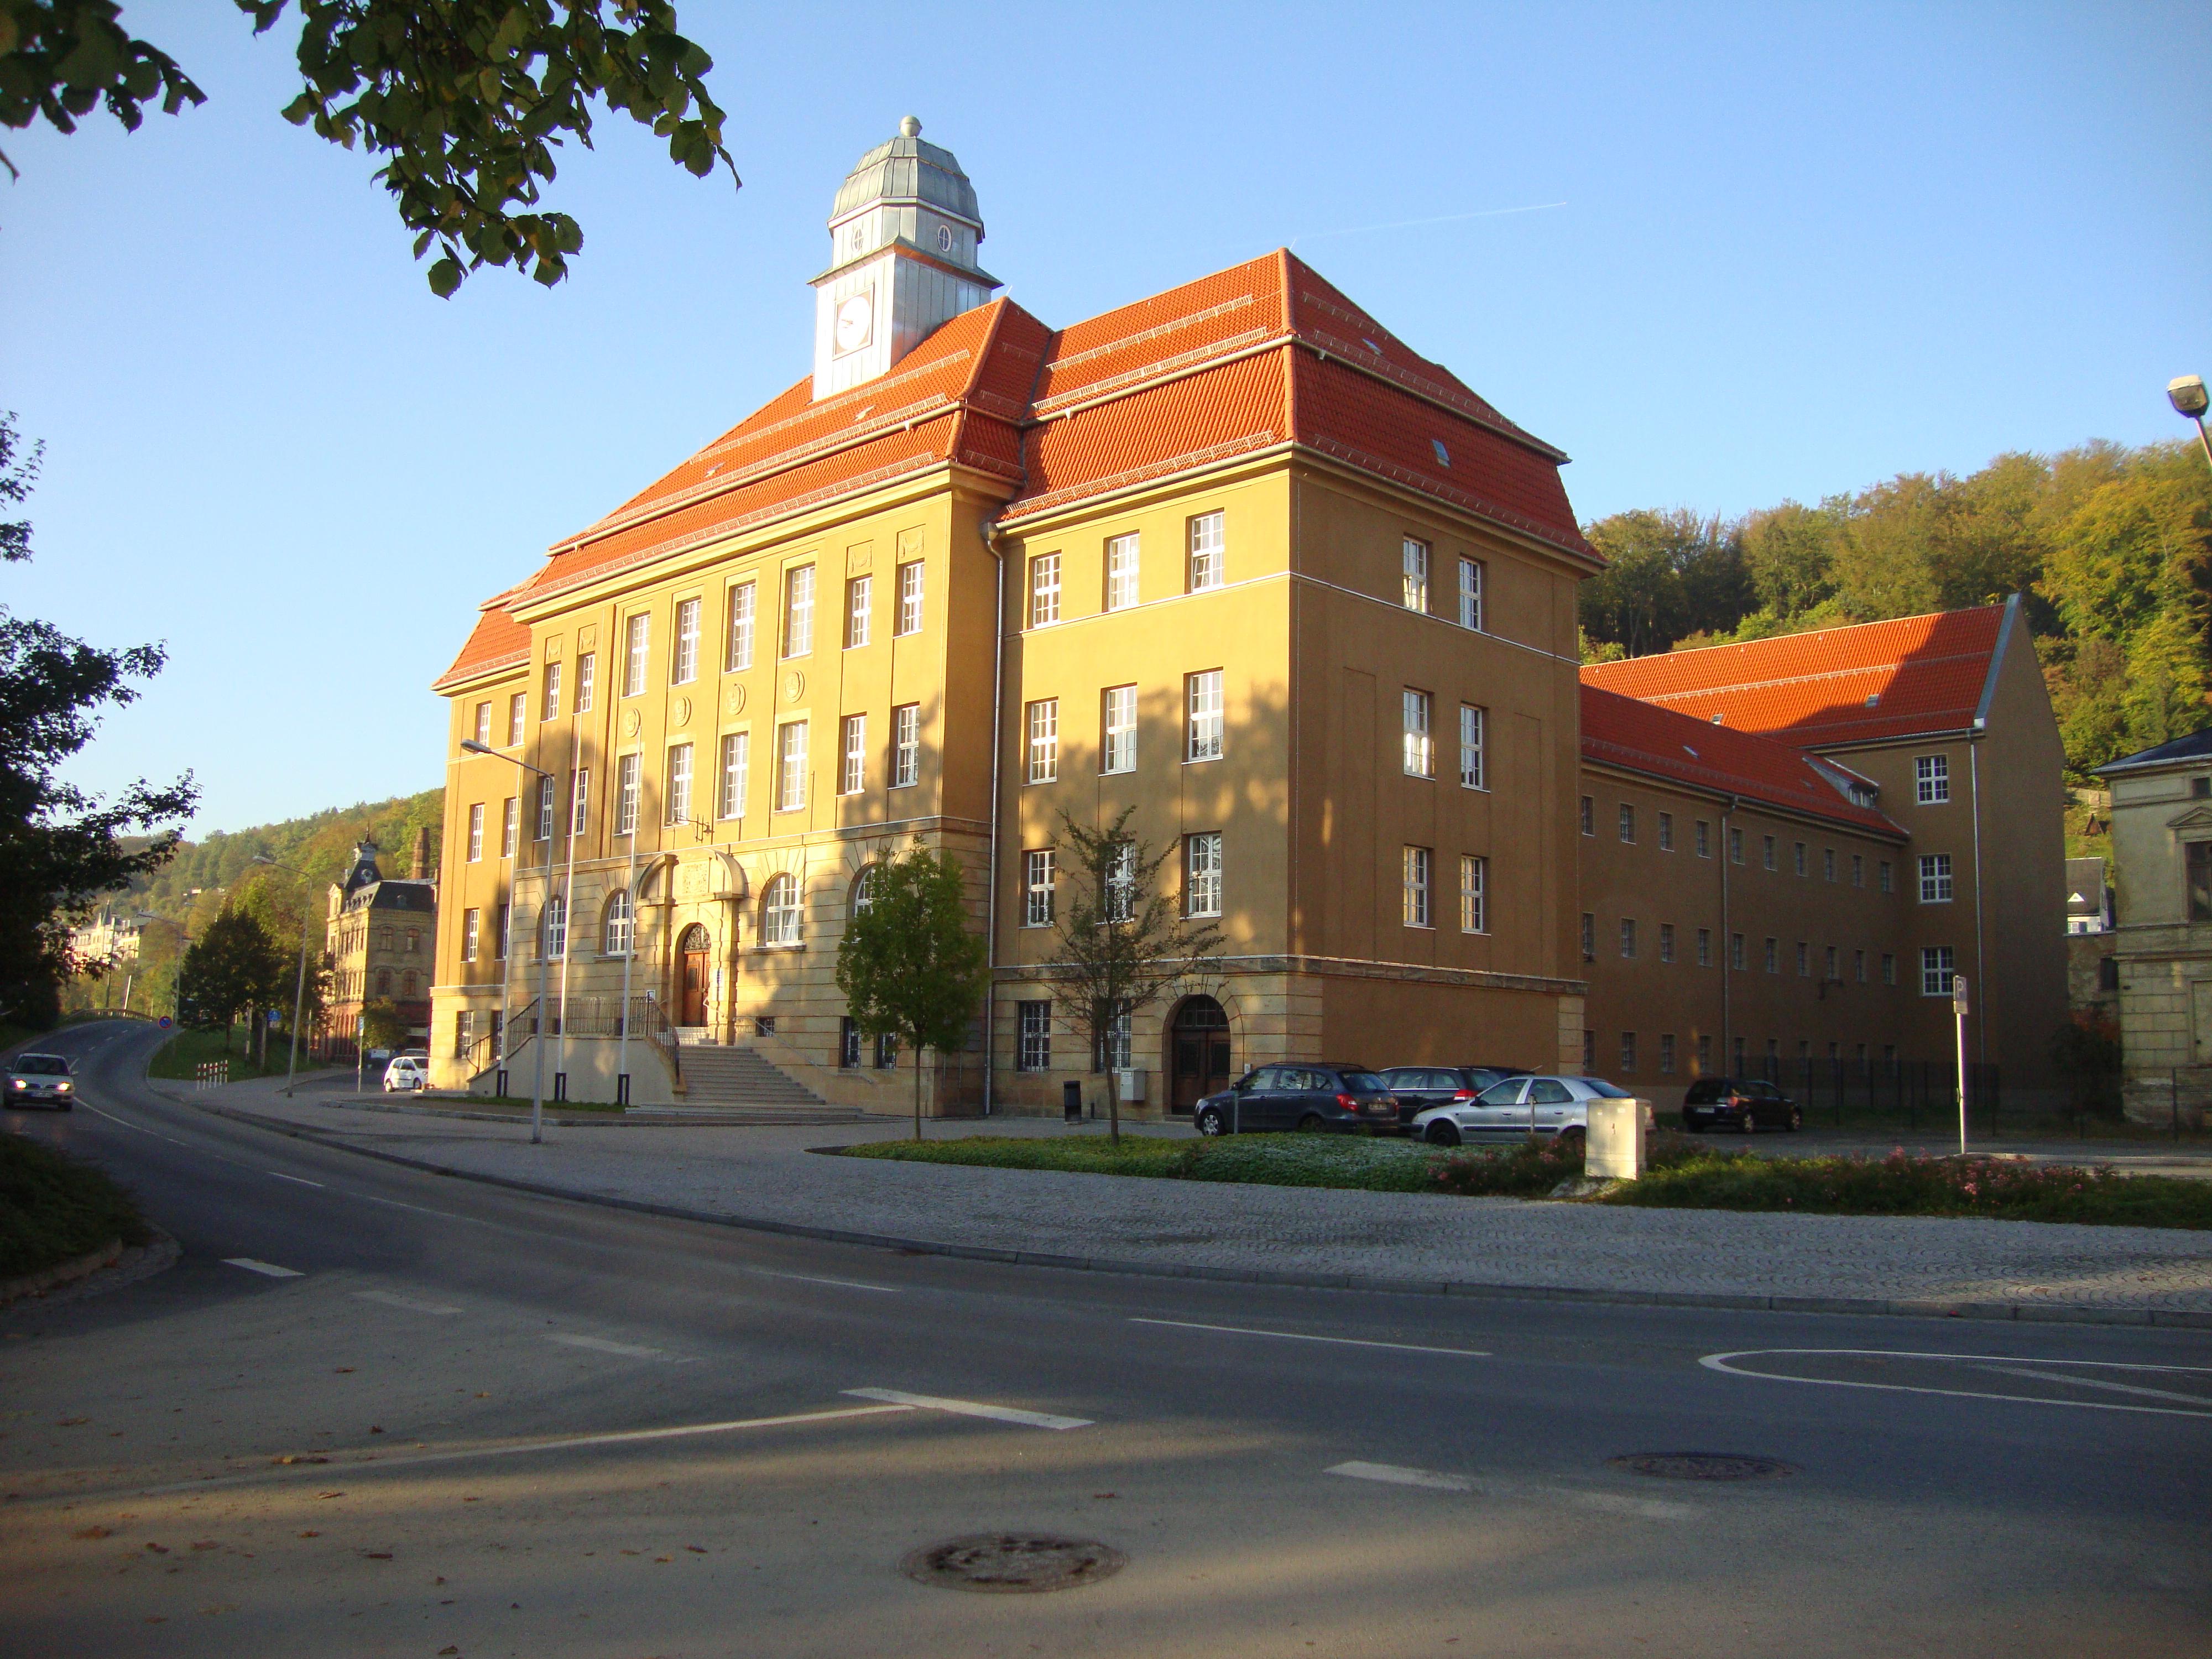 Bild: Gerichtsgebäude des Amtsgerichts Greiz